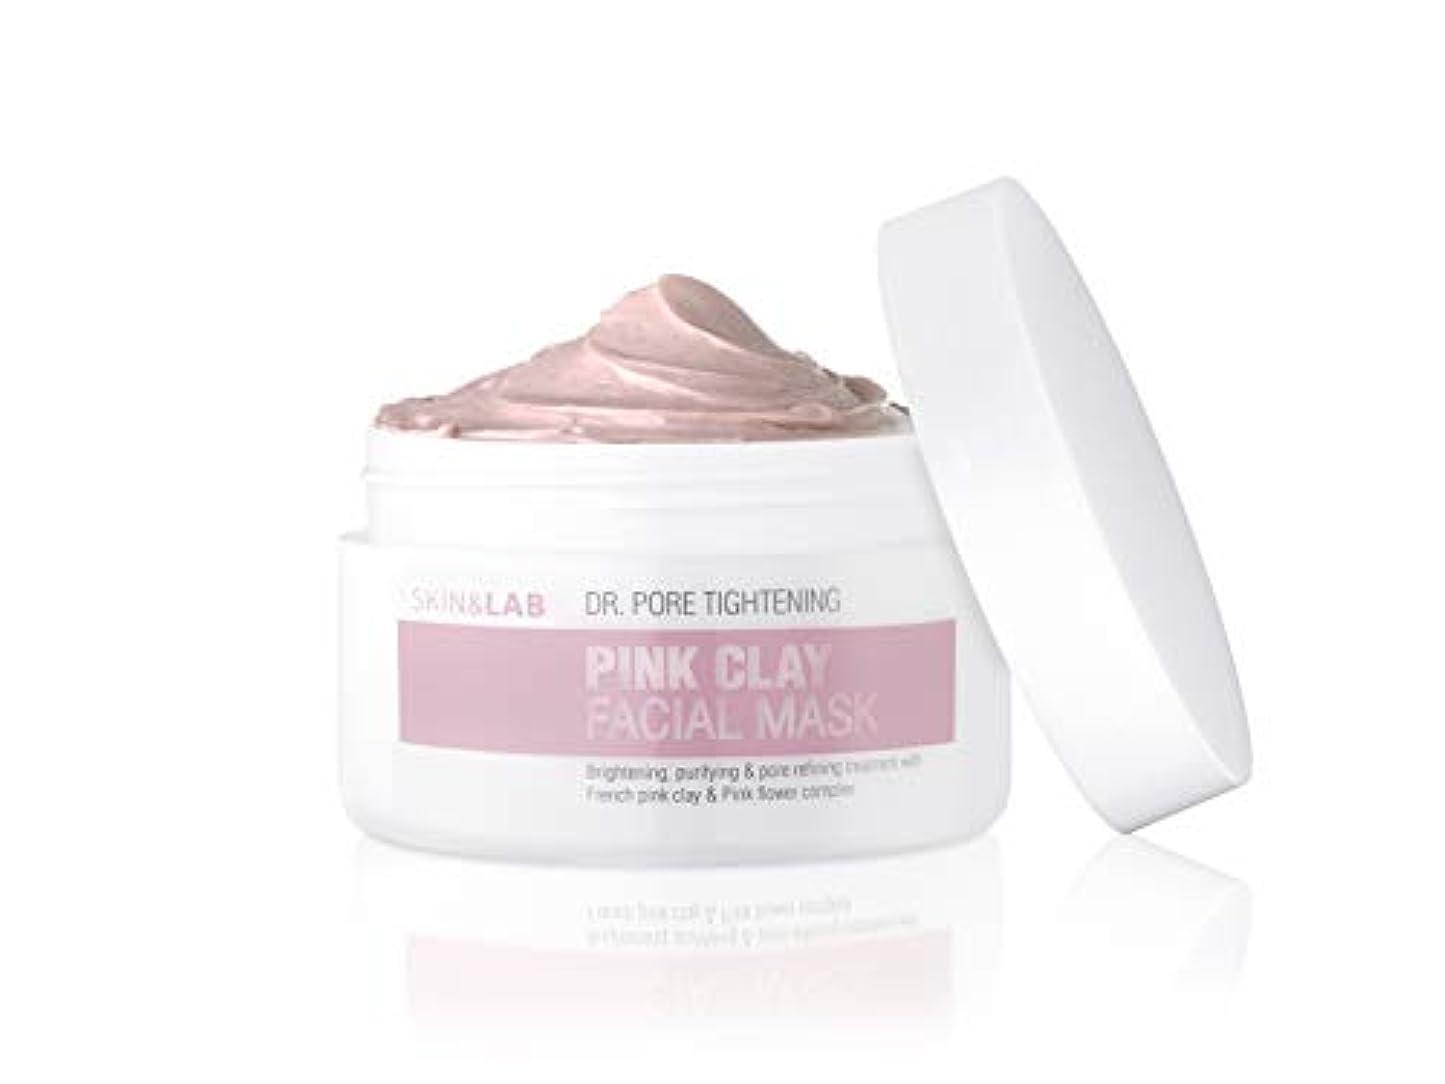 愛ソロちなみにSKIN&LAB []フランスのピンクの粘土とピンククレイマスク、均一で明るい肌のトーン、心を落ち着かせる、平滑化、保湿、毛穴世話、Calamin、ピンクの花の複雑な、100グラム、3.5オンス ピンク